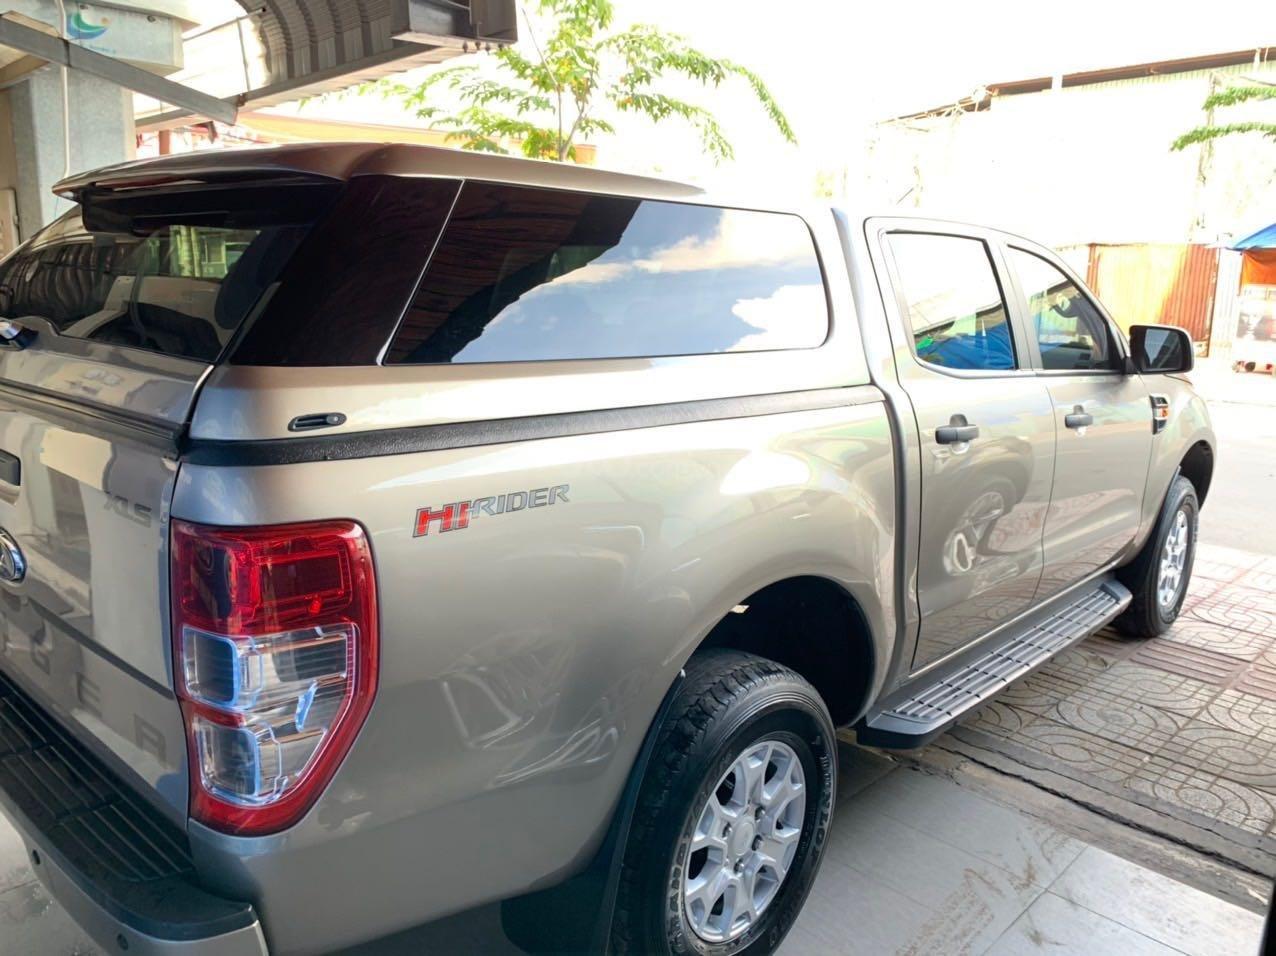 Bán Ford Ranger XLS 2.2L AT màu ghi vàng đời 2017 giá thương lượng, hotline 0901267855 (8)